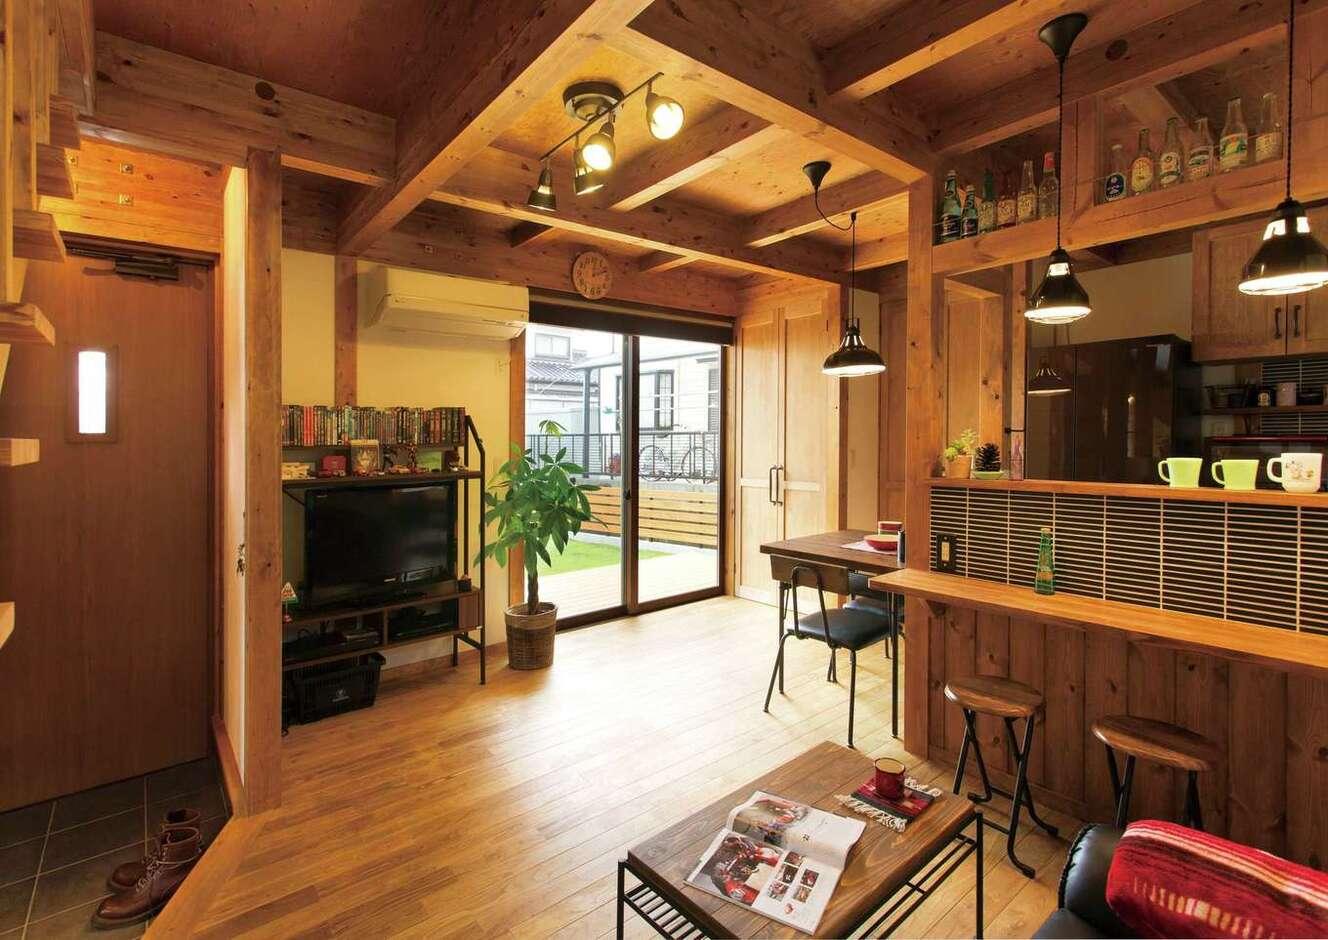 サイエンスホーム甲府店・笛吹店【デザイン住宅、ペット、ガレージ】庭と室内の一体感が心地いい真壁づくりのLDK。自分の好きなモノだけに囲まれて、毎日ワクワクしながら暮らしているそう